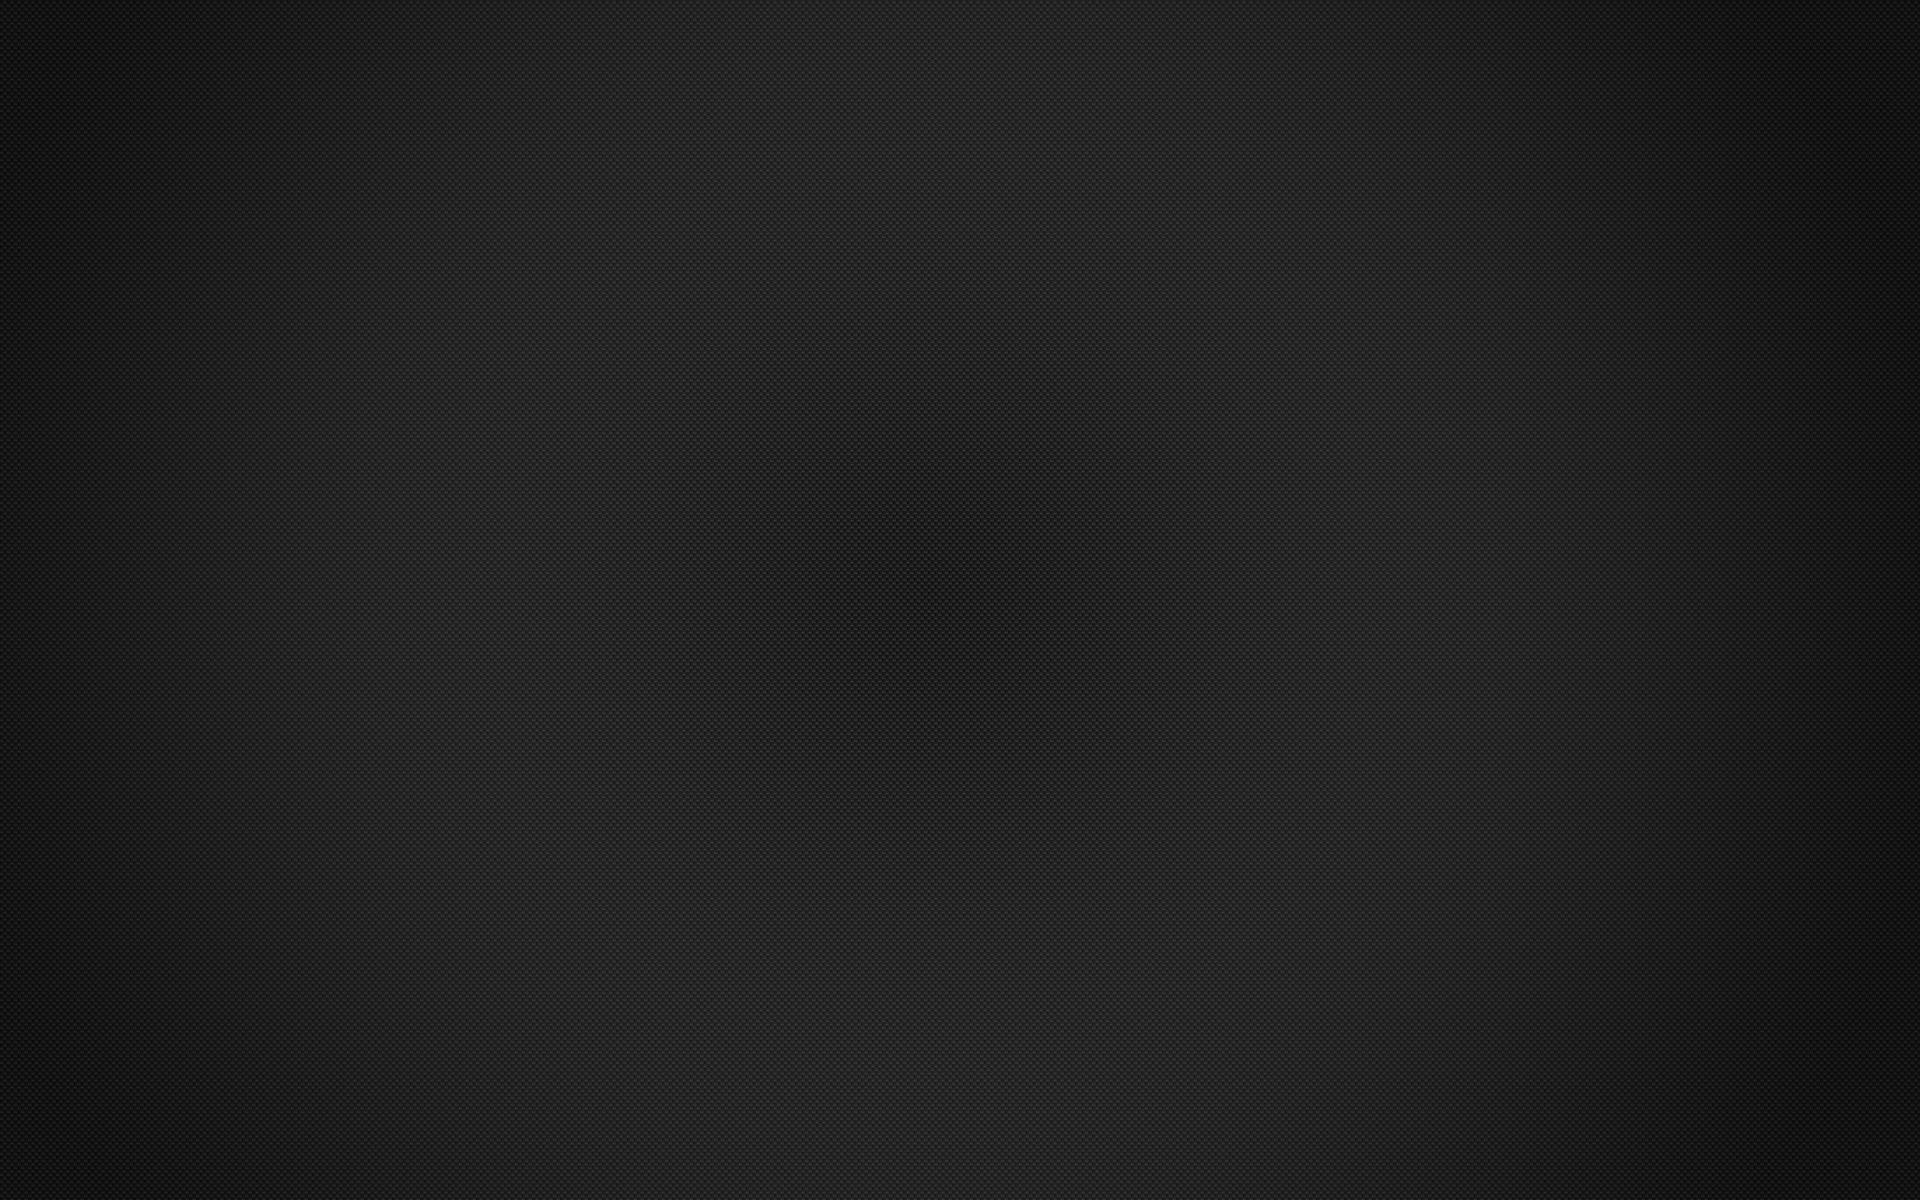 シンプルな黒のドットの集合体 19 X 10 の壁紙 壁紙キングダム Pc デスクトップ版